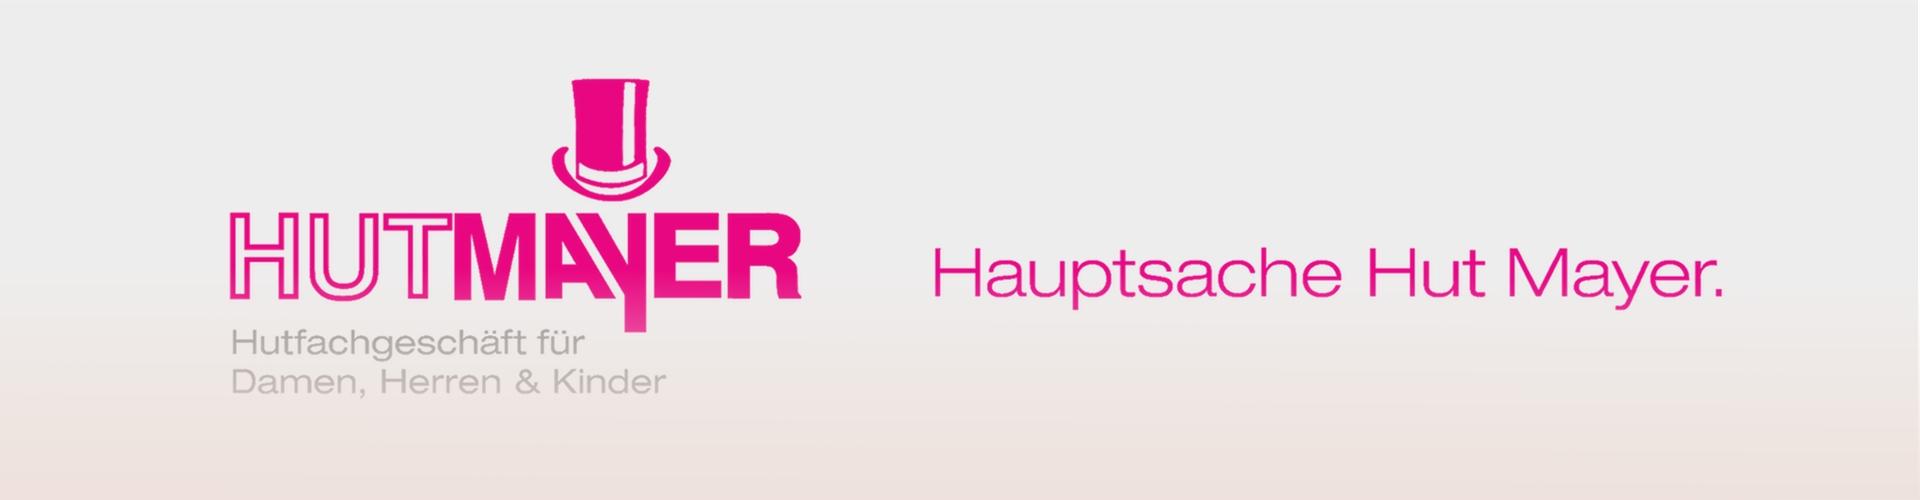 Hutmayer2